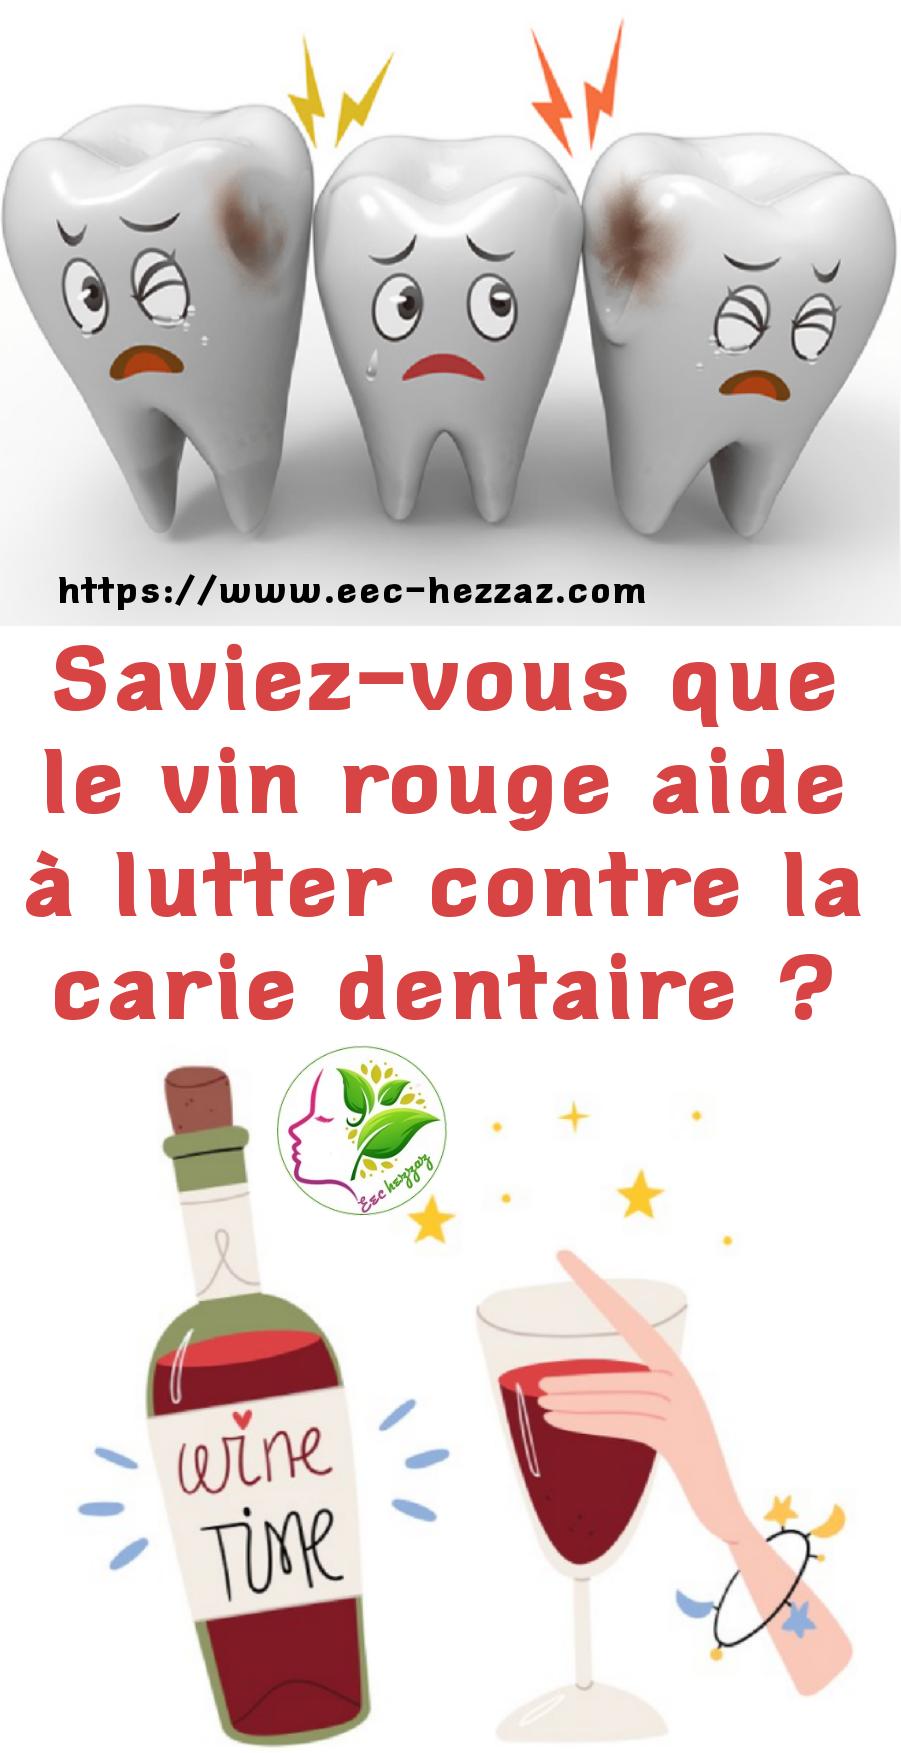 Saviez-vous que le vin rouge aide à lutter contre la carie dentaire ?